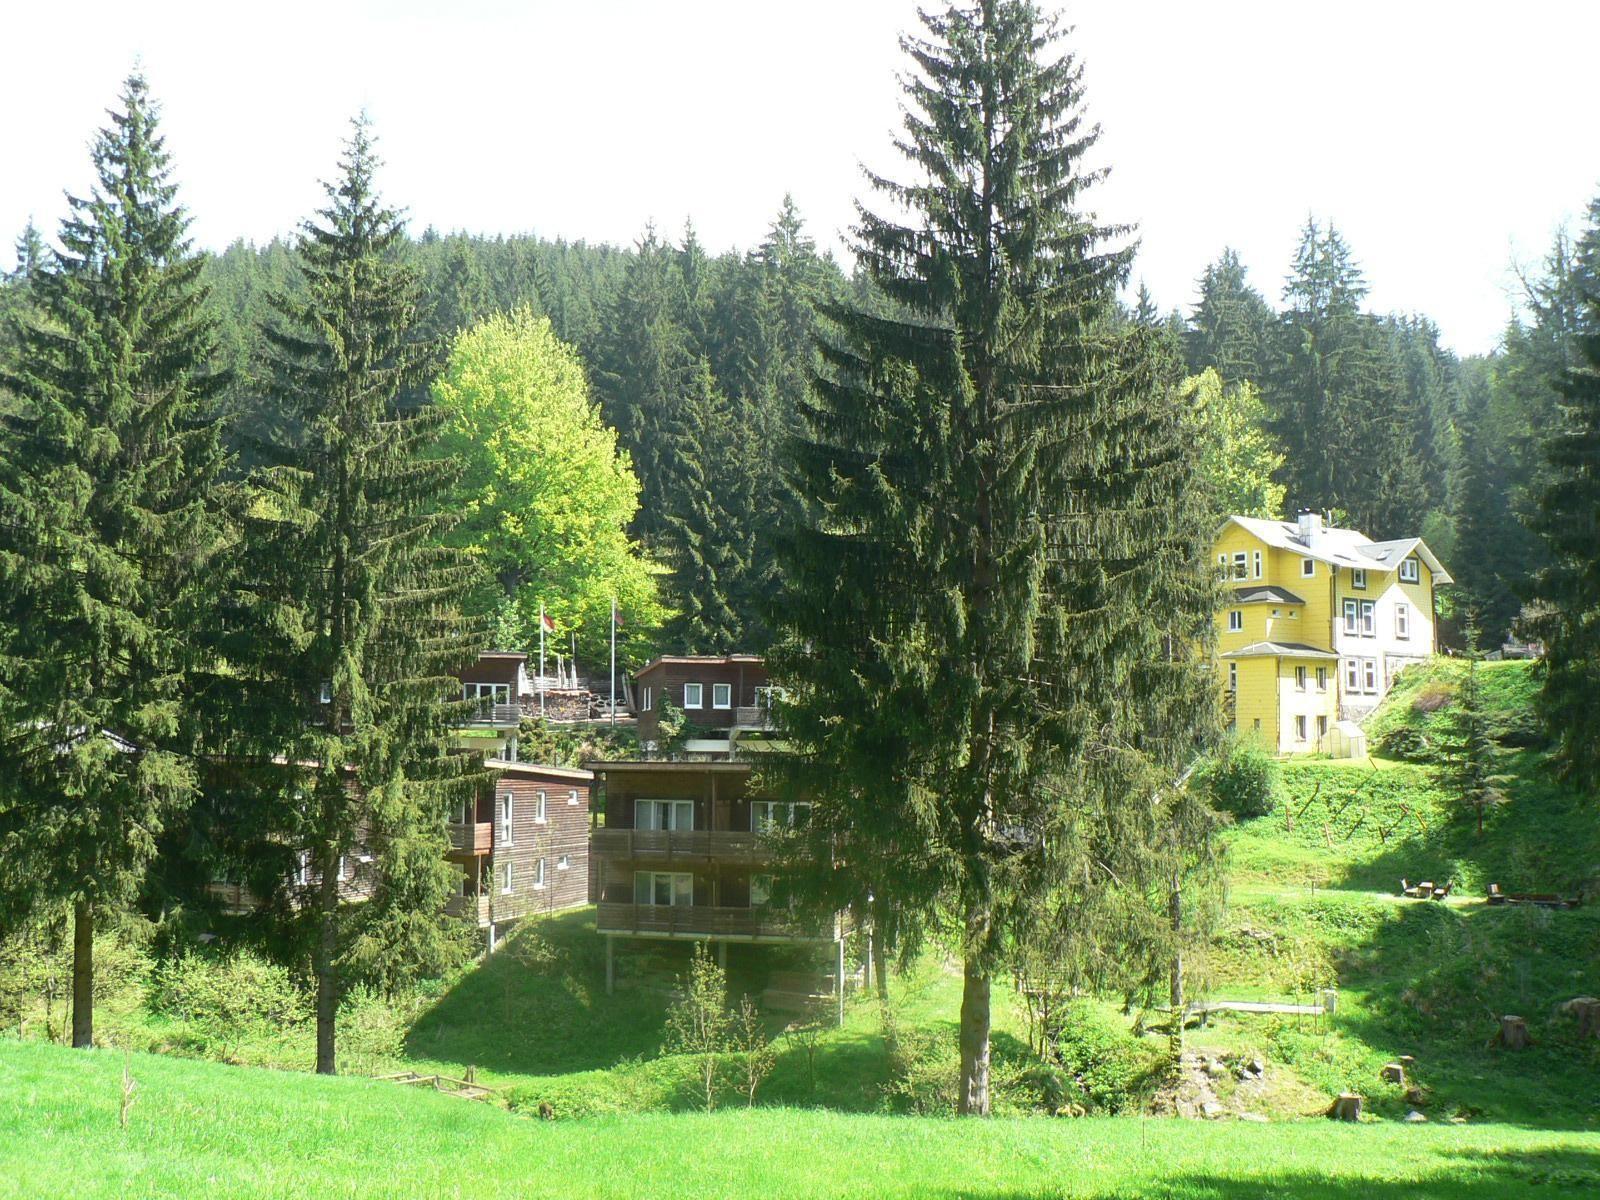 Ferienhaus für 7 Personen ca. 96 m² in A  in Thüringen